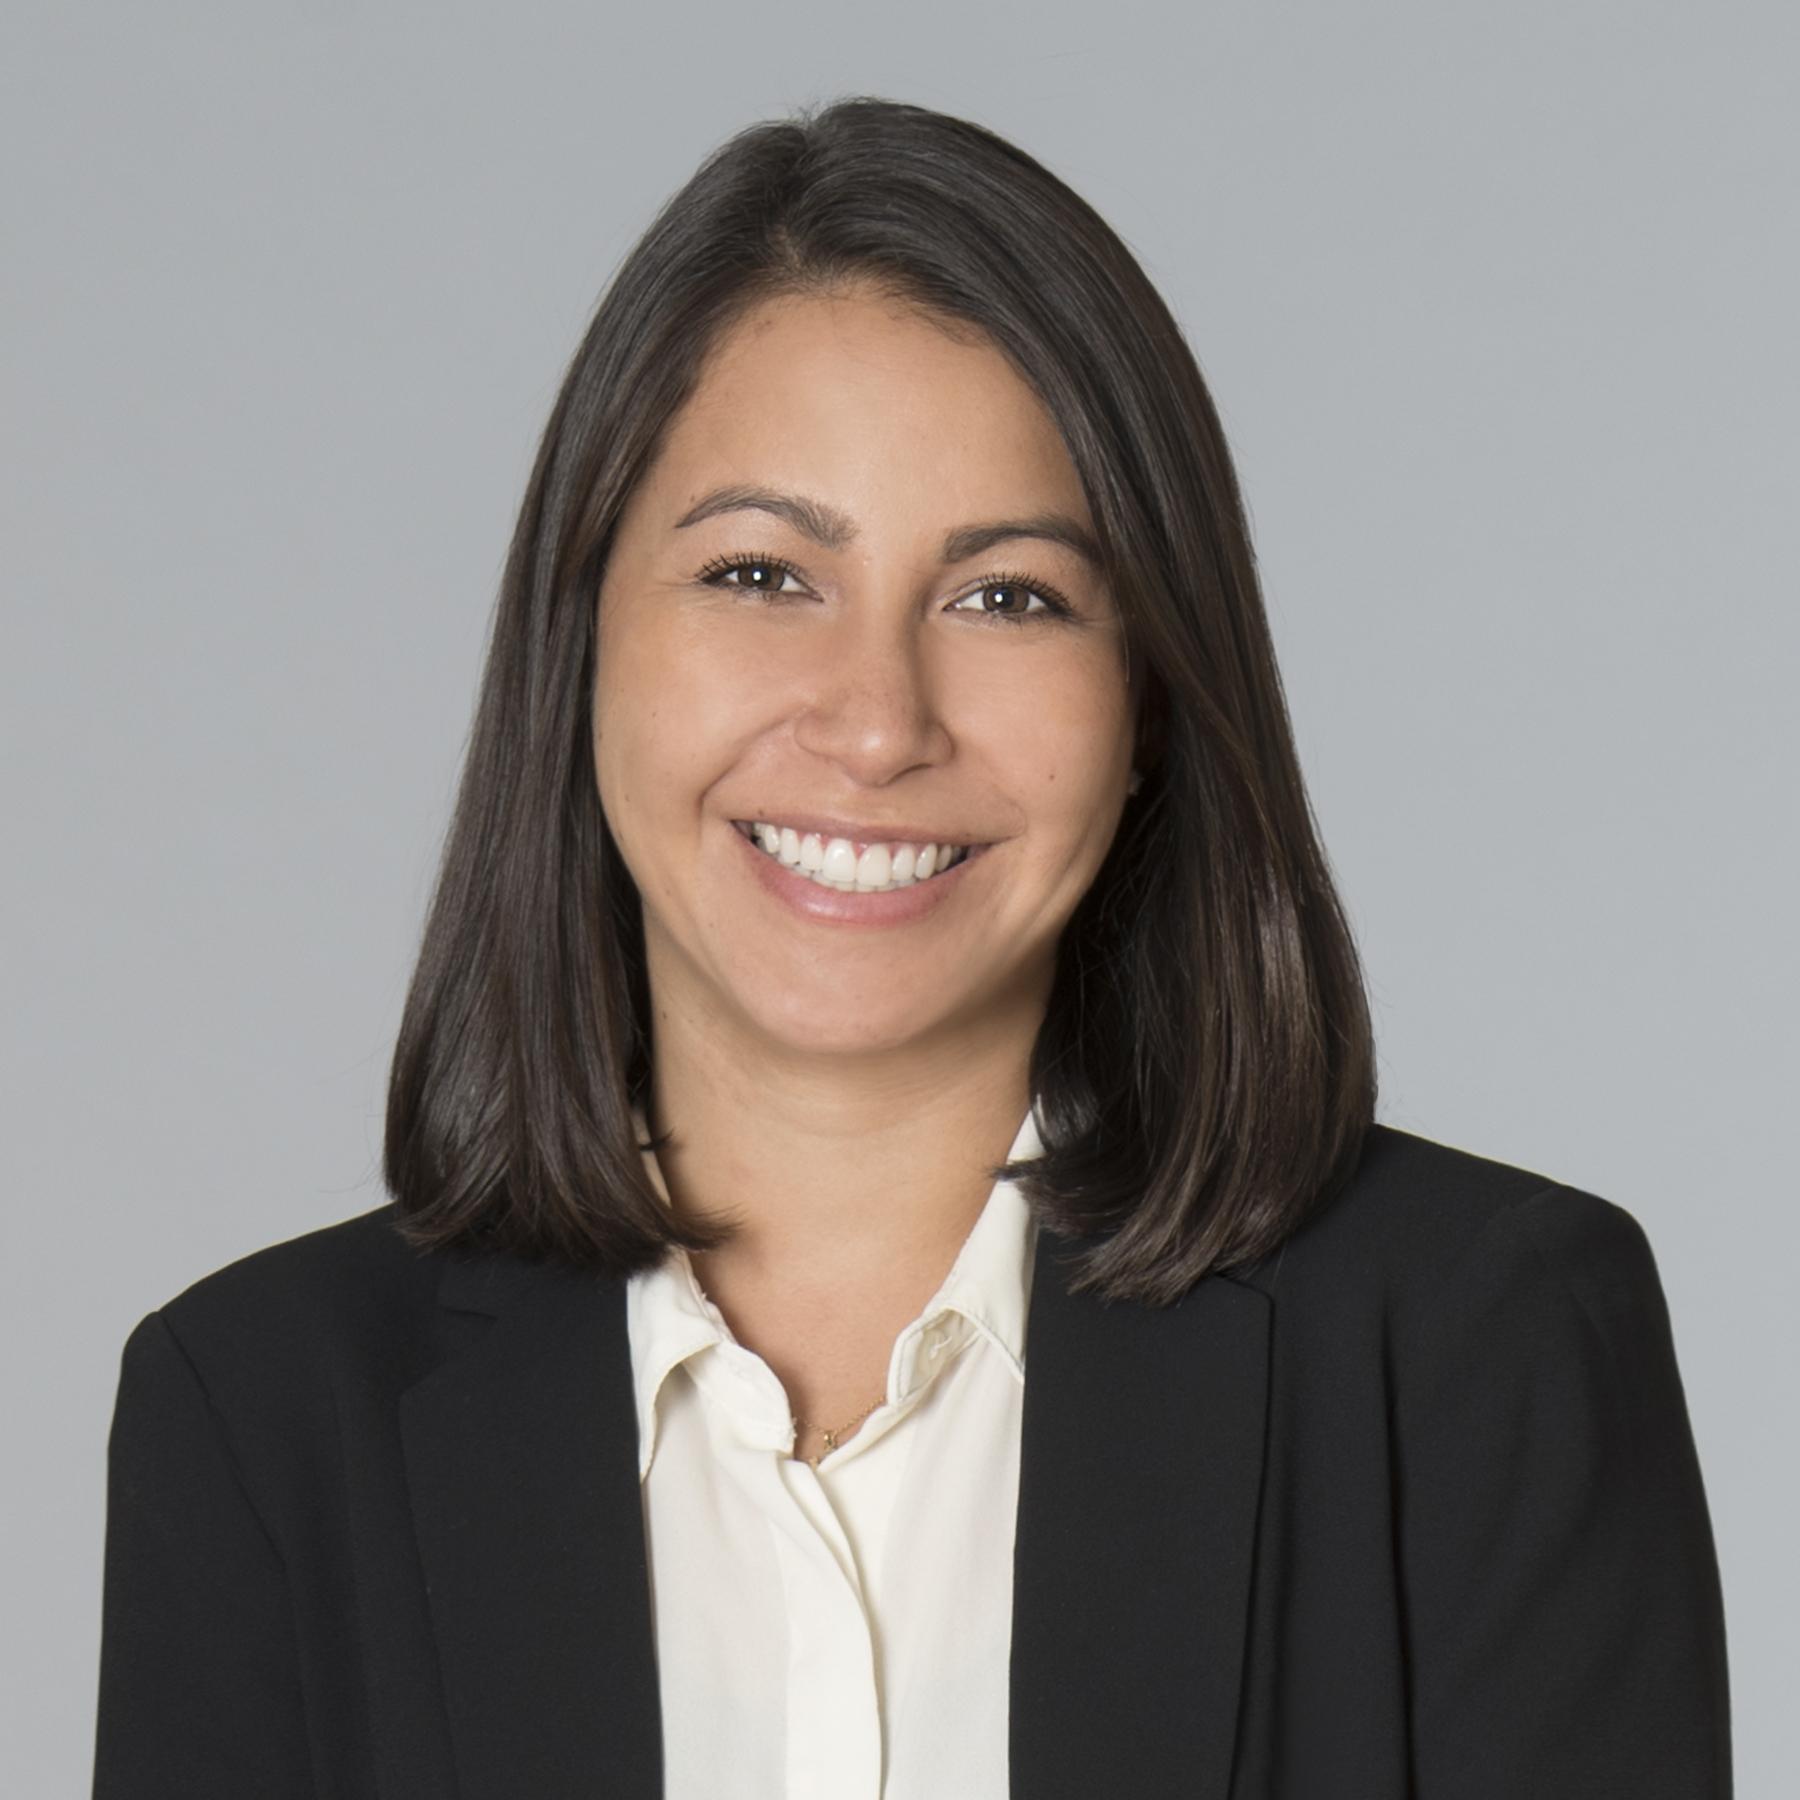 Alexa Halloran